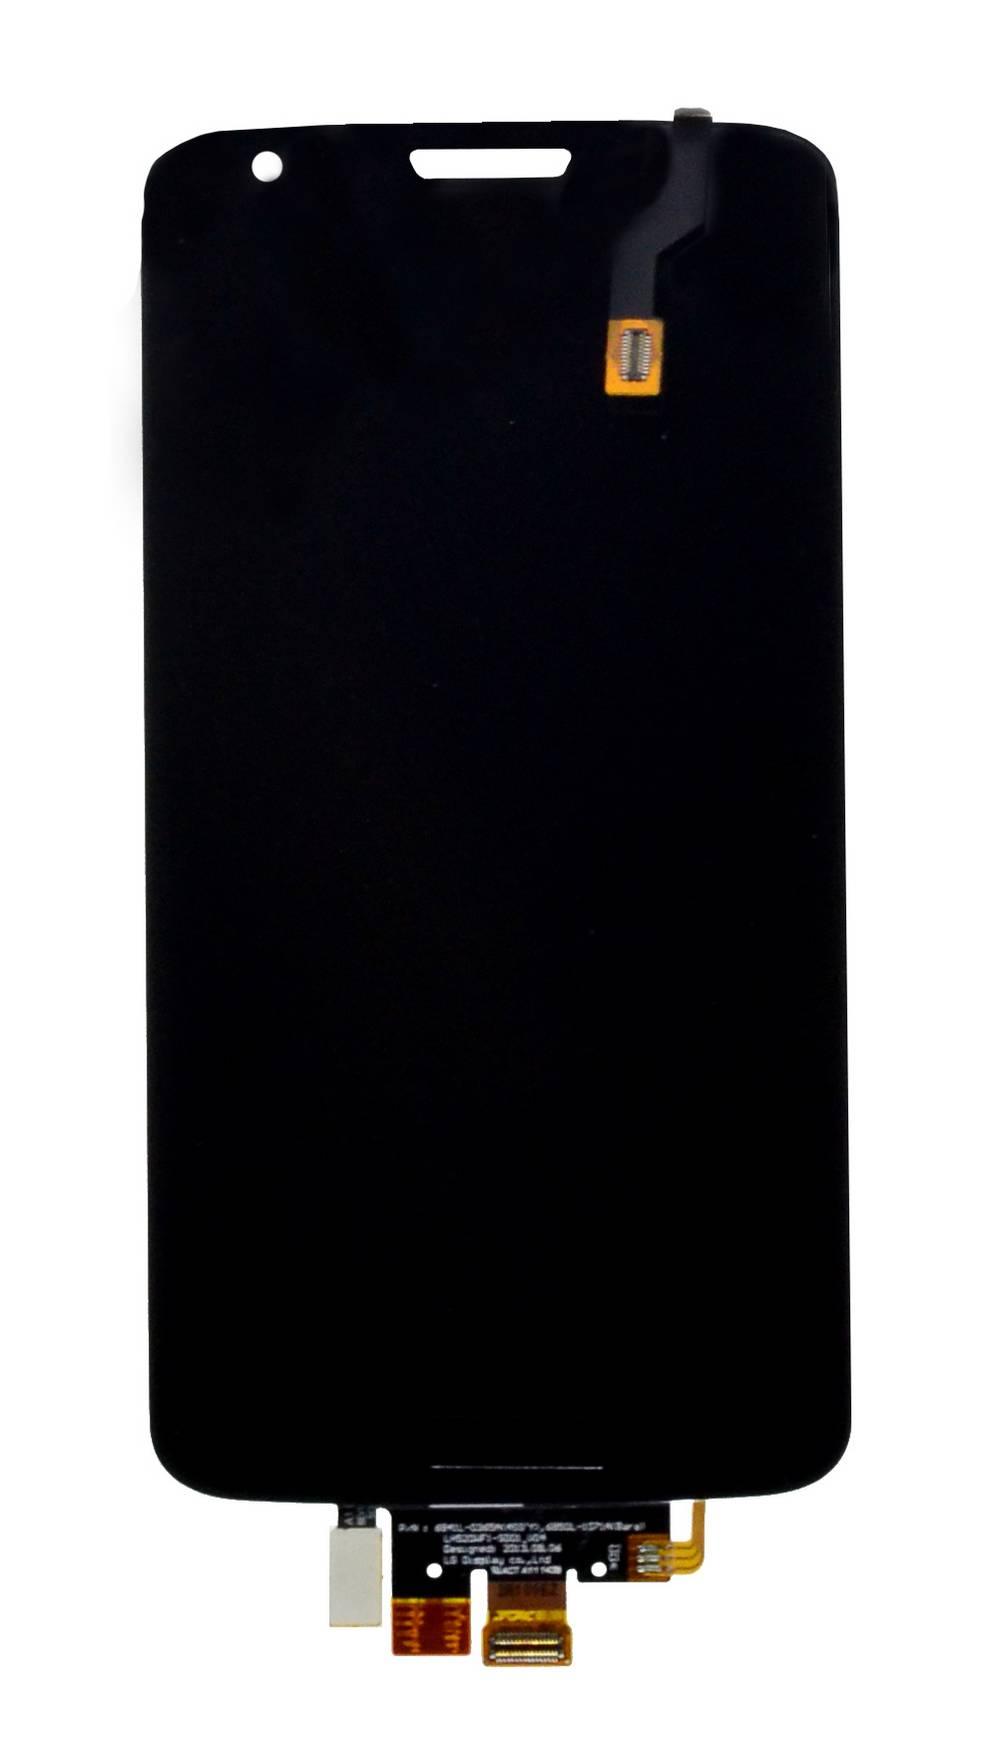 Οθόνη & Μηχανισμός Αφής LG G2 D802 Μαύρο χωρίς Πλαίσιο OEM Type A